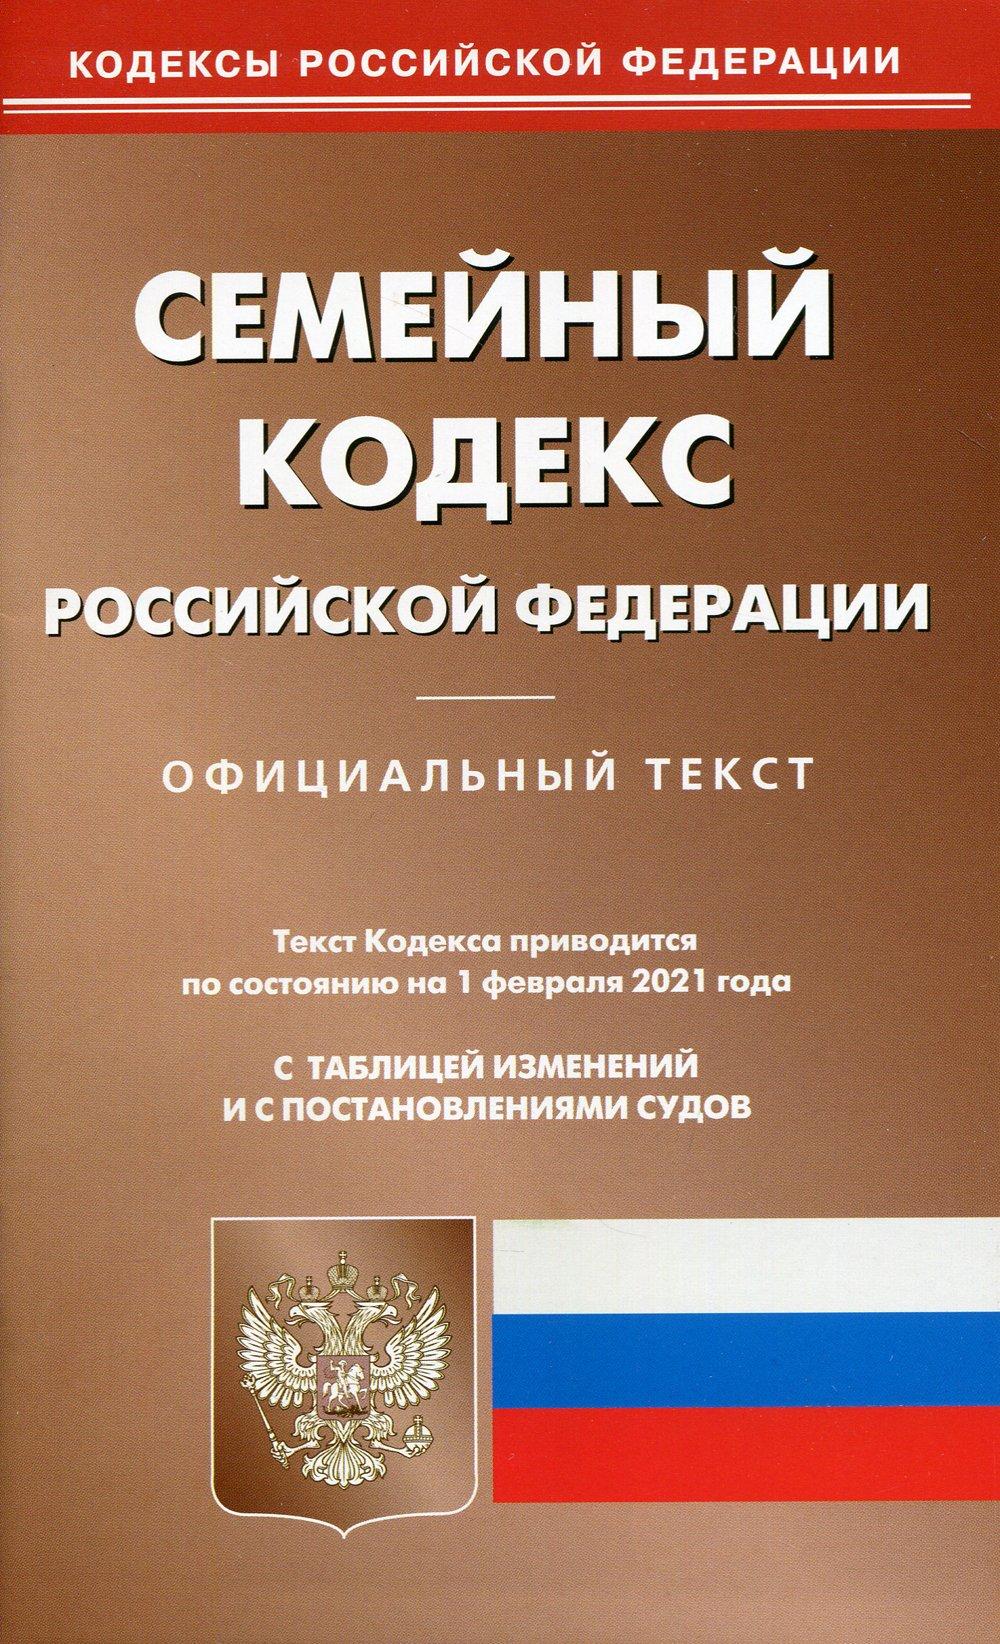 Семейный кодекс РФ (по сост. на 01.02.2021 г.)